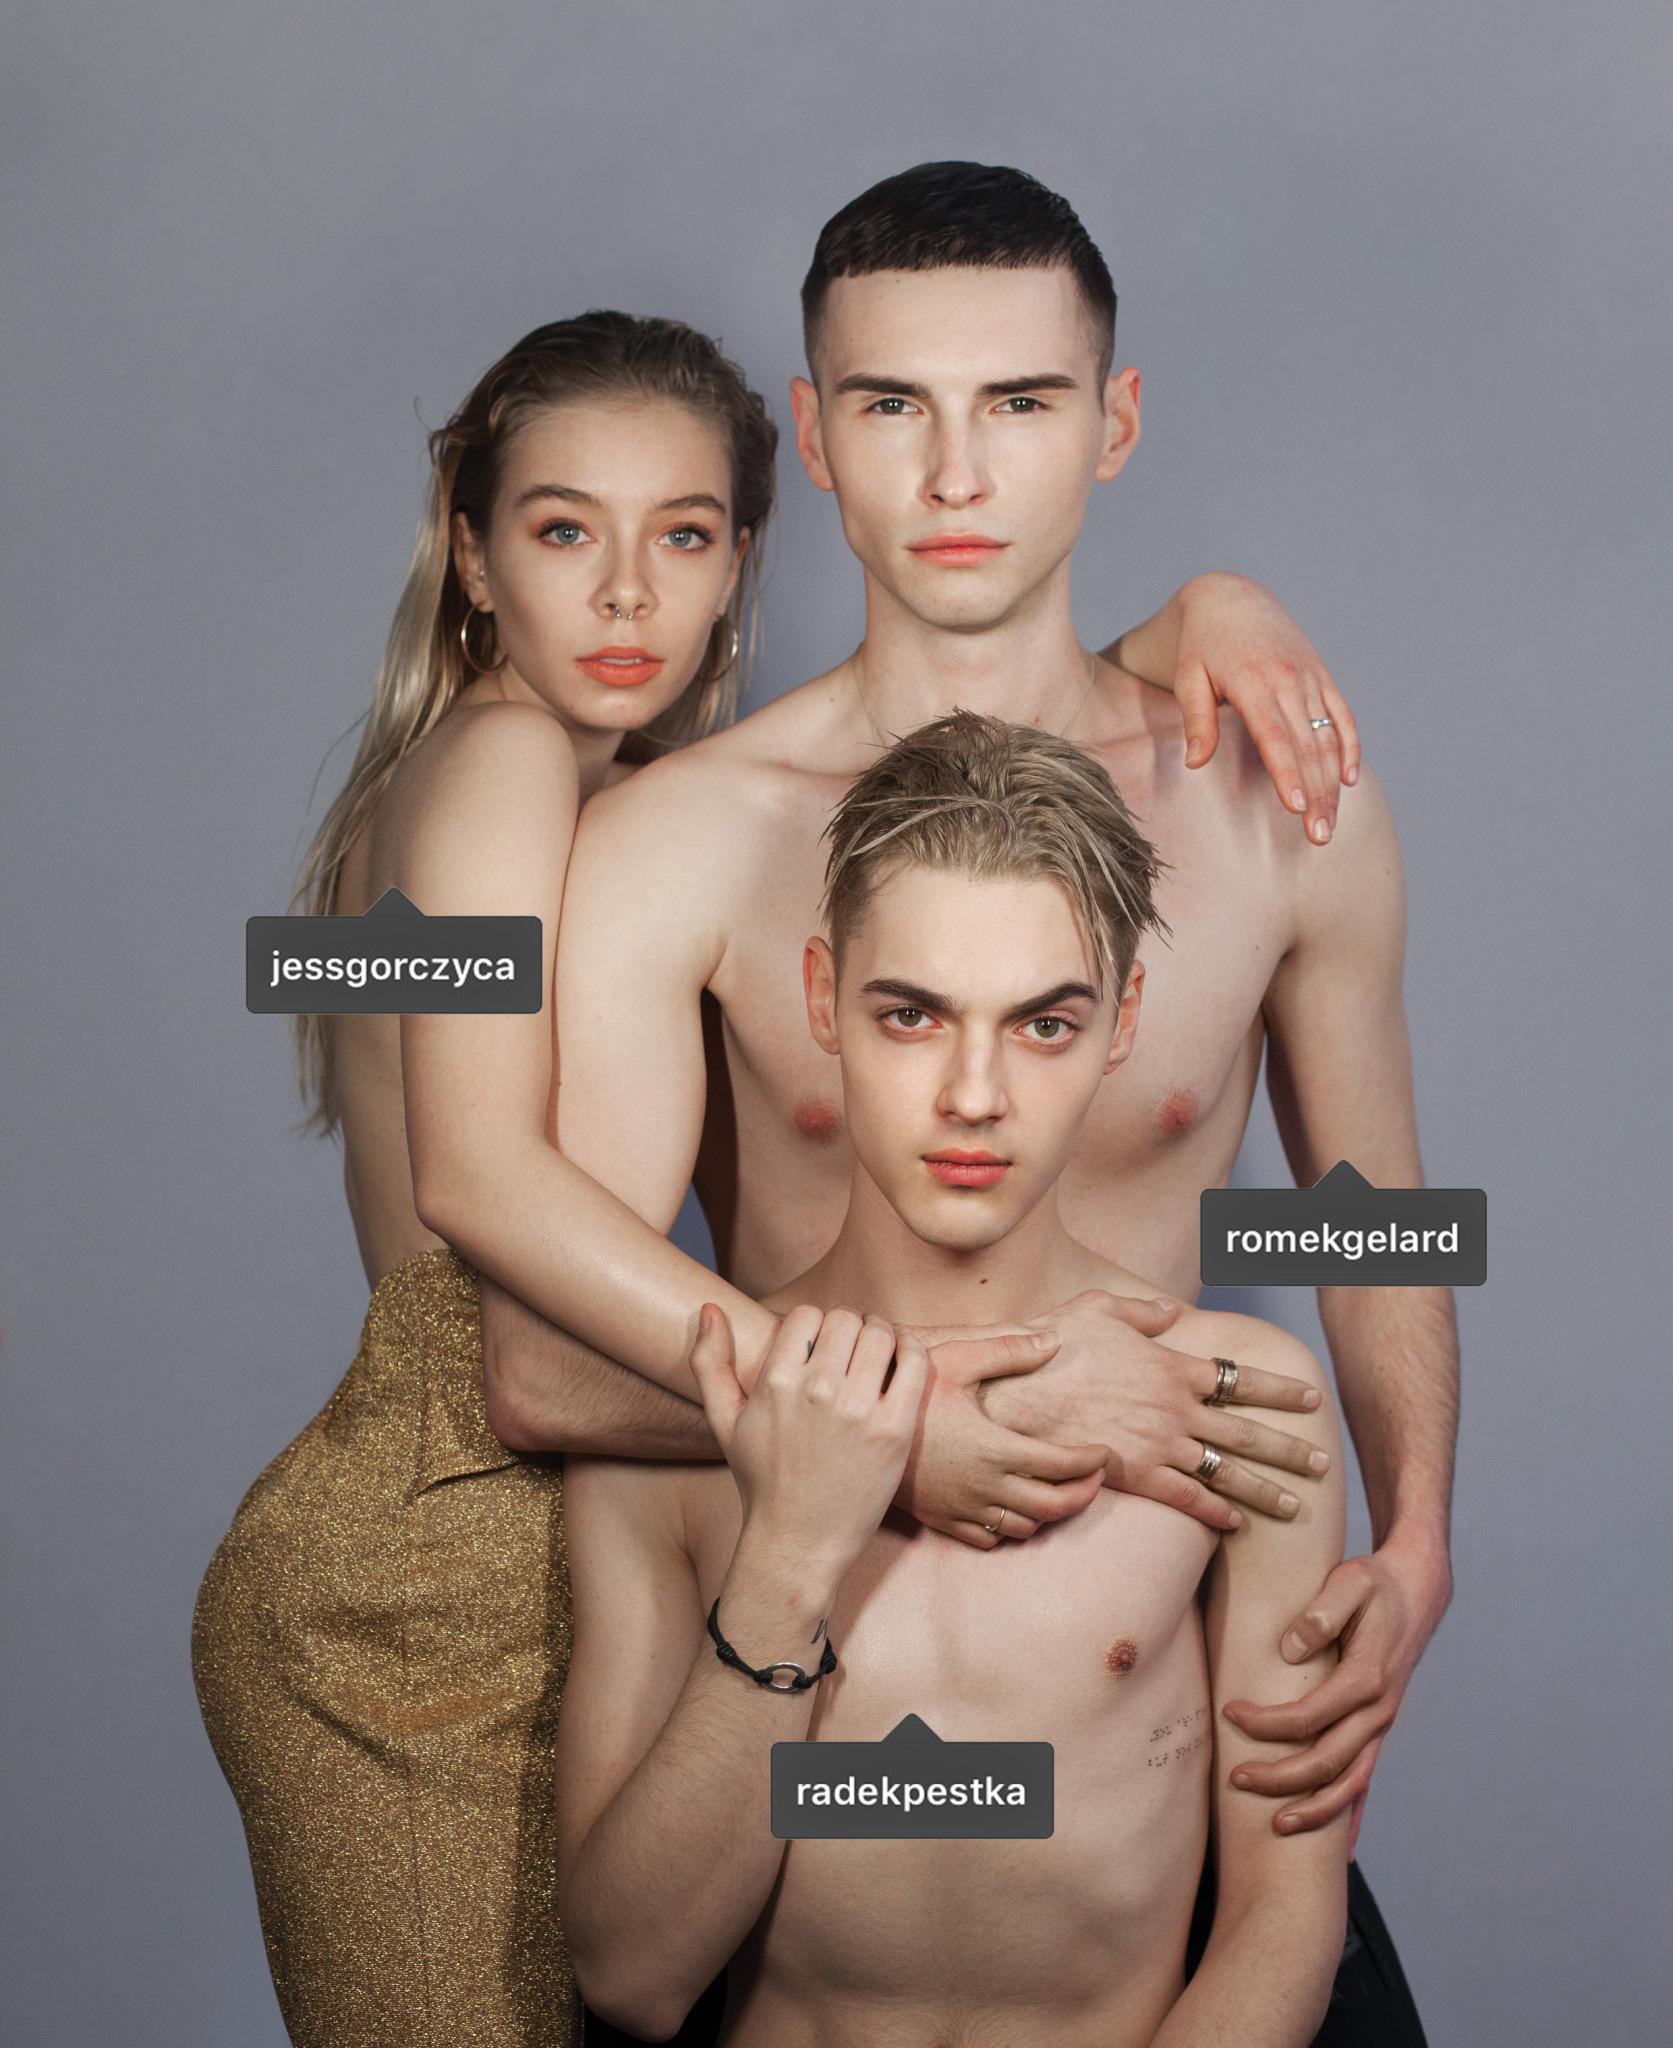 Jessica Gorczyca, Radek Pestka, Romek Gelard